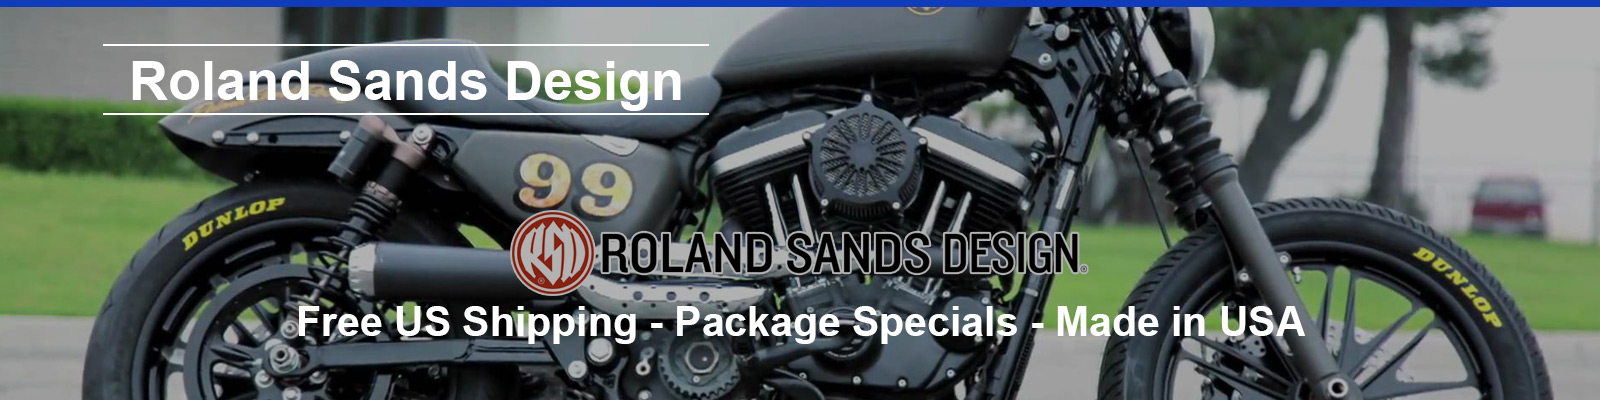 Roland Sands Design Wheels